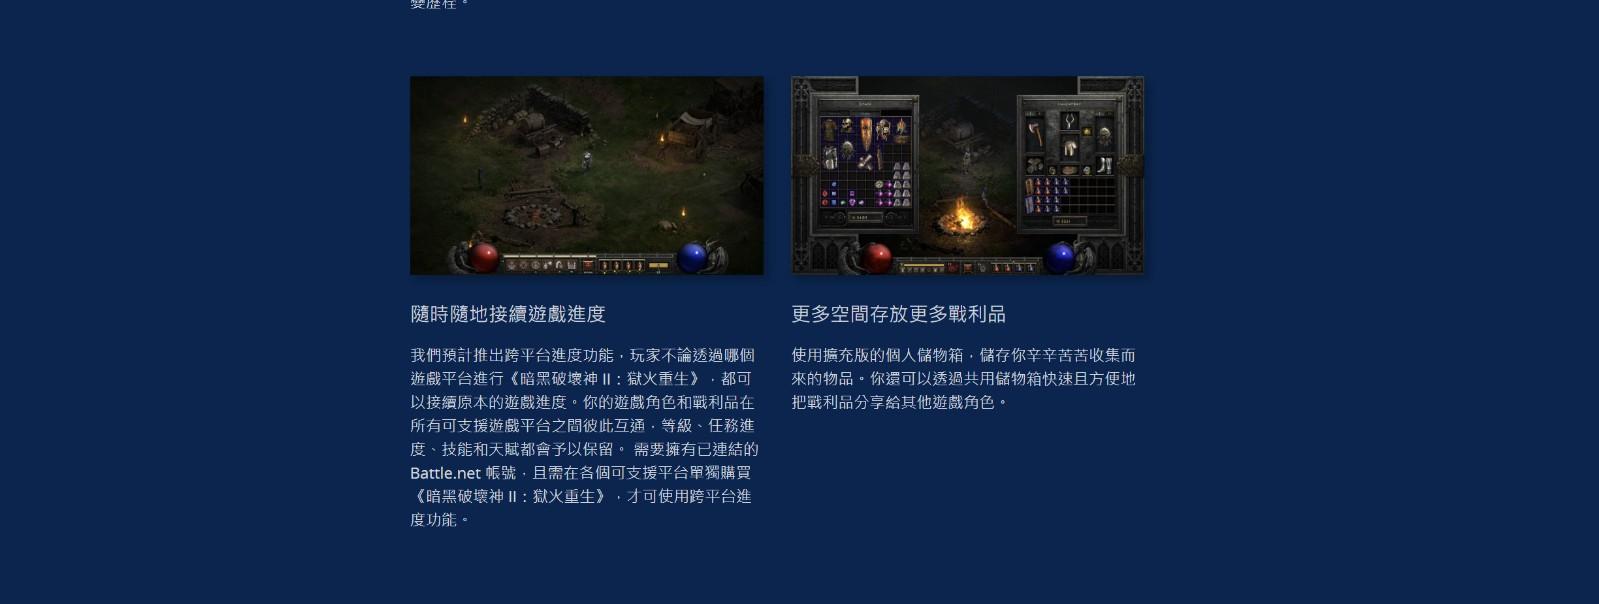 《暗黑破坏神2:重制版》PC配置公布 推荐GTX 1060、PC版支持MOD